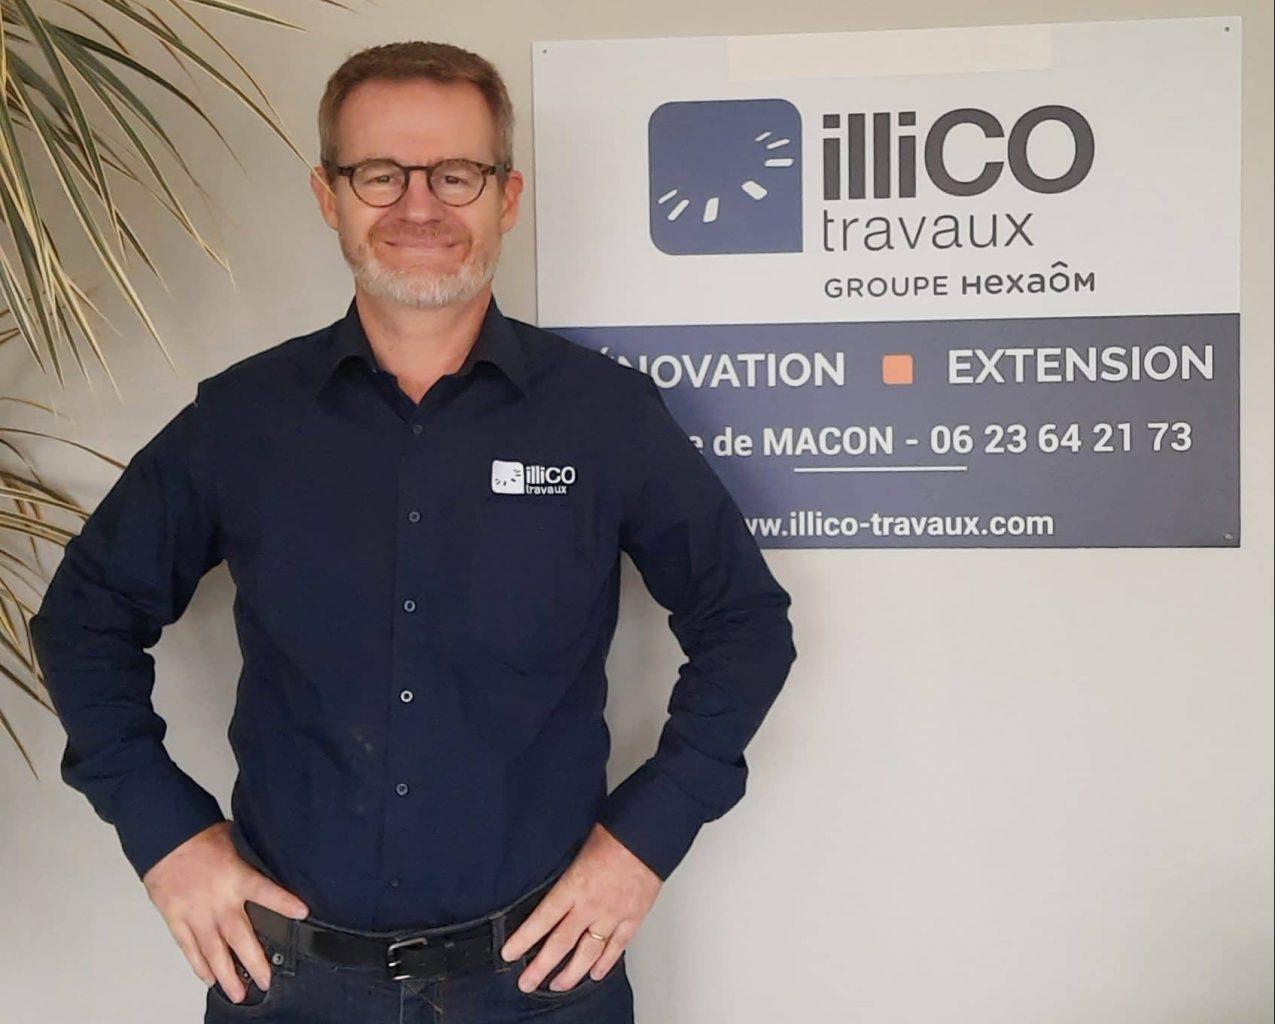 Ludovic Ducate - illiCO travaux Macon photo presentation